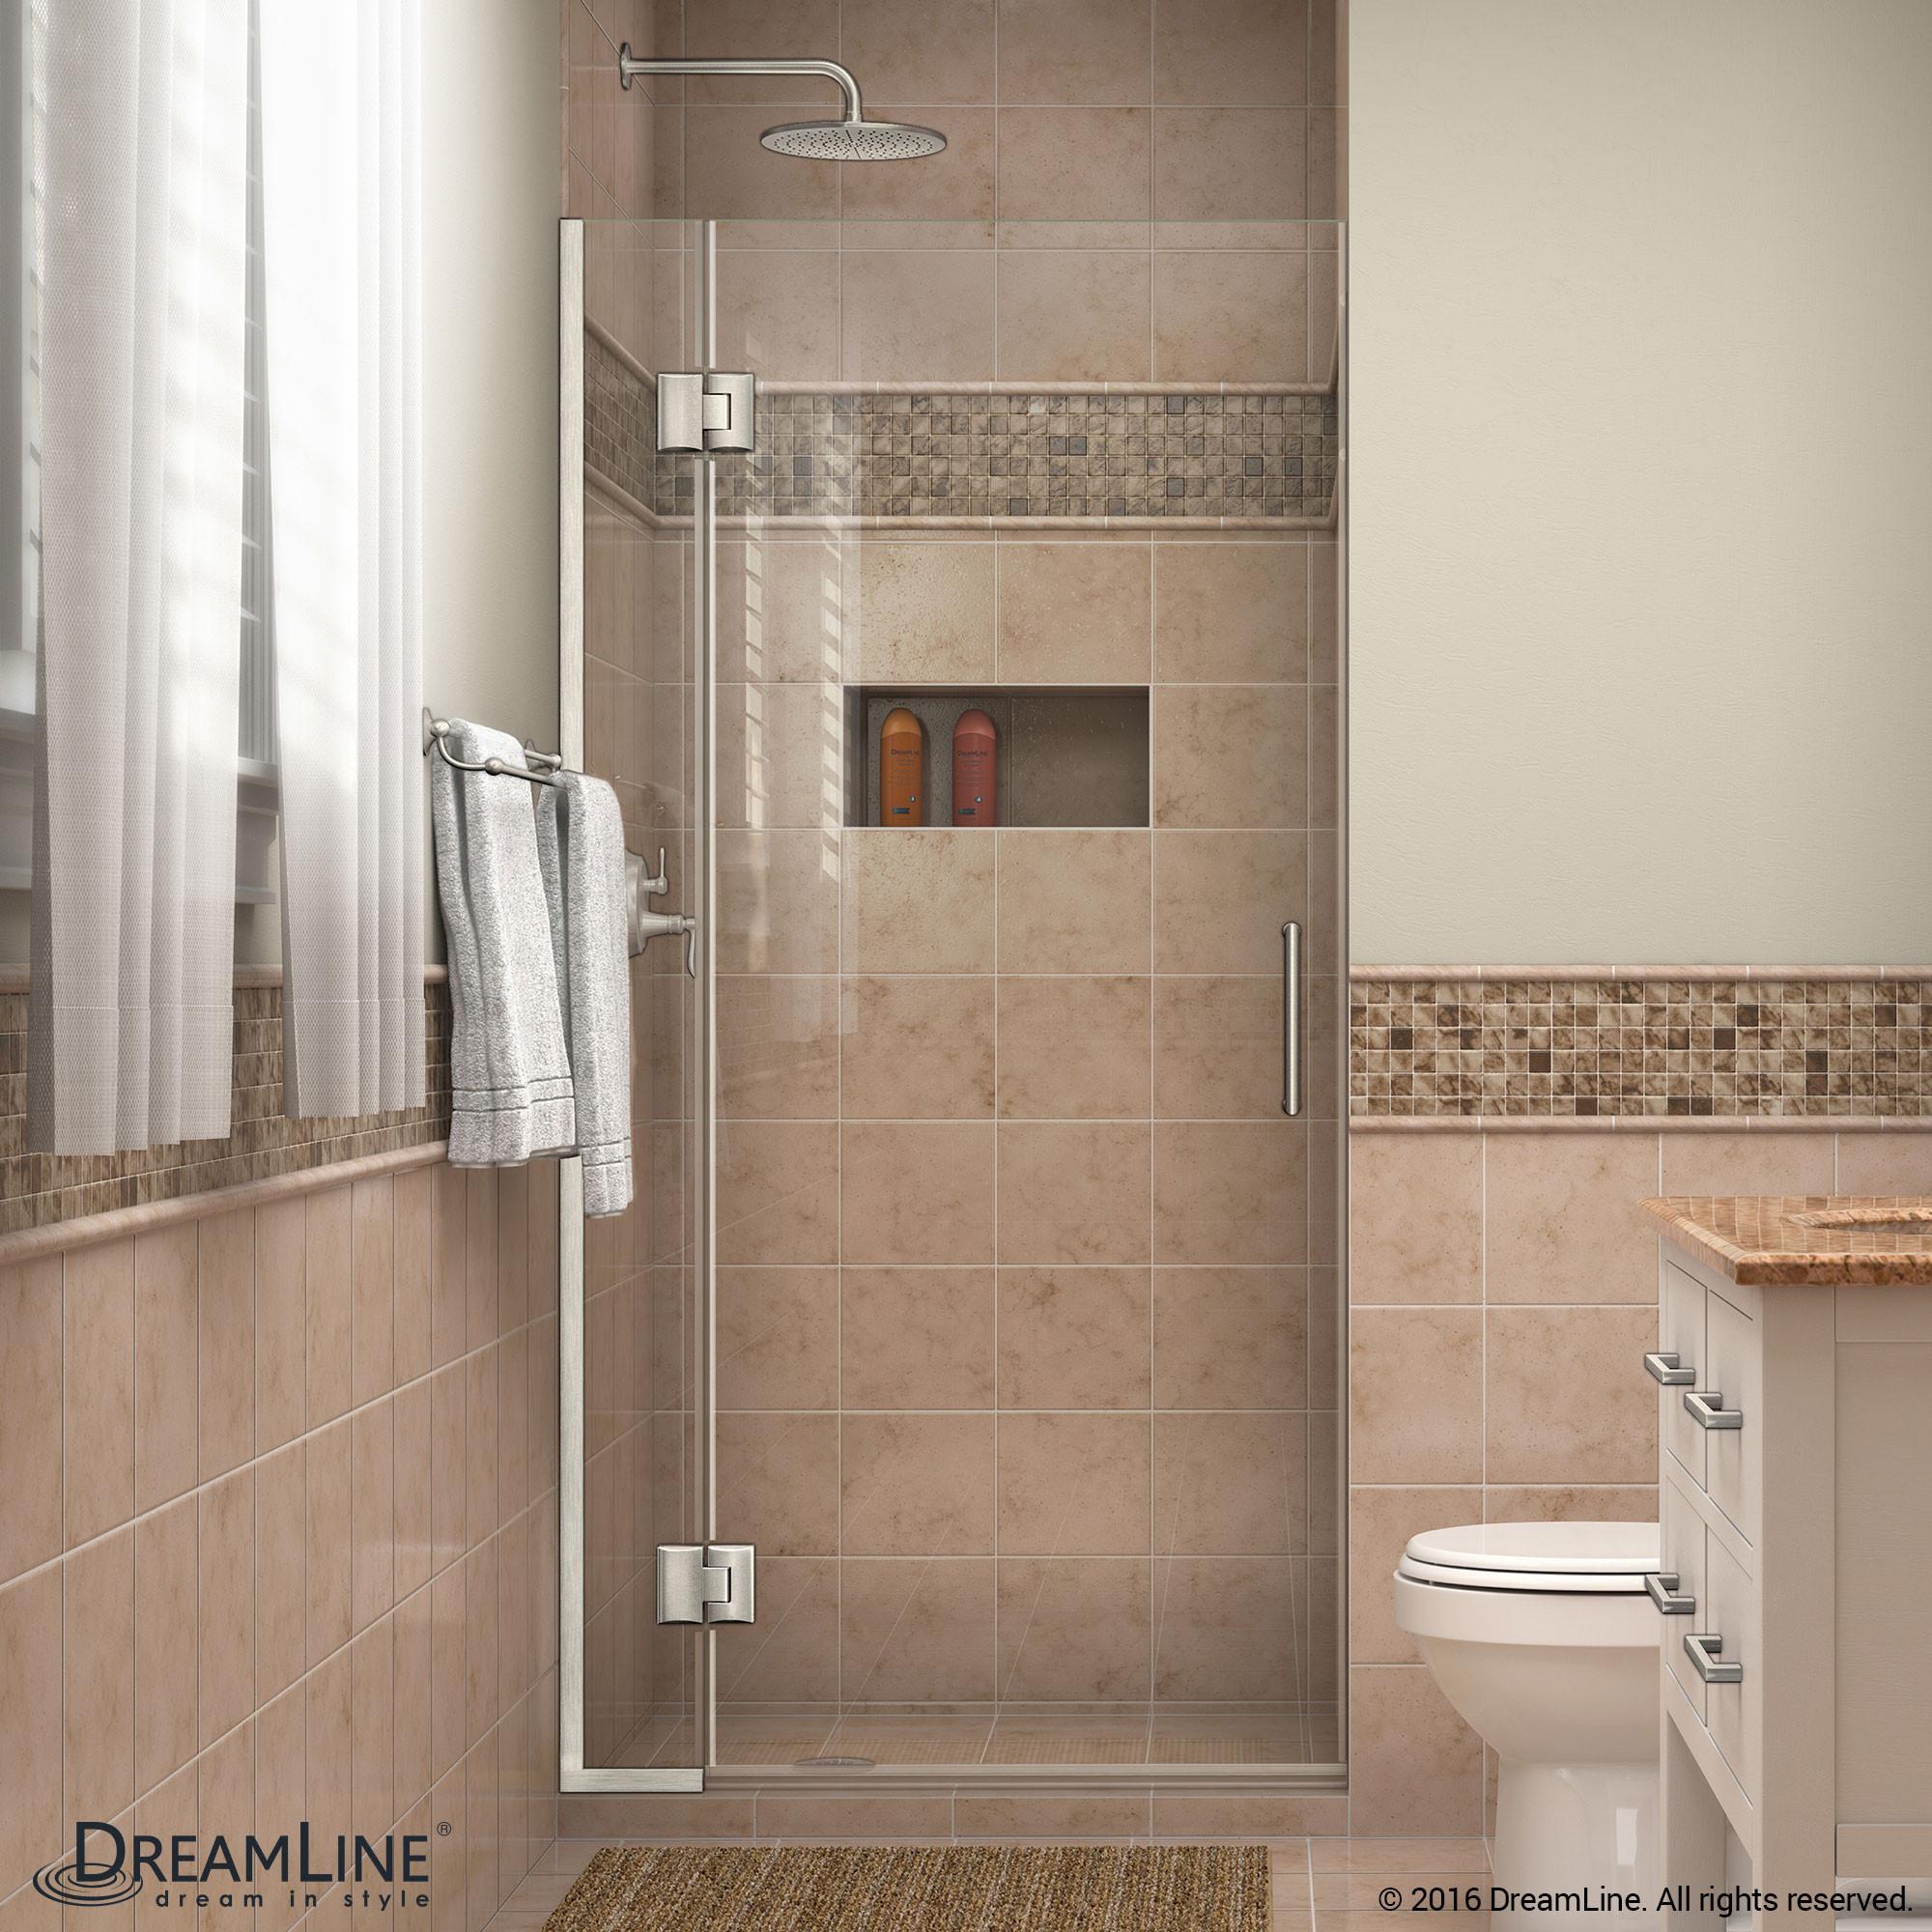 DreamLine D12972-04 Unidoor-X 35 in. W x 72 in. H Hinged Shower Door in Brushed Nickel Finish